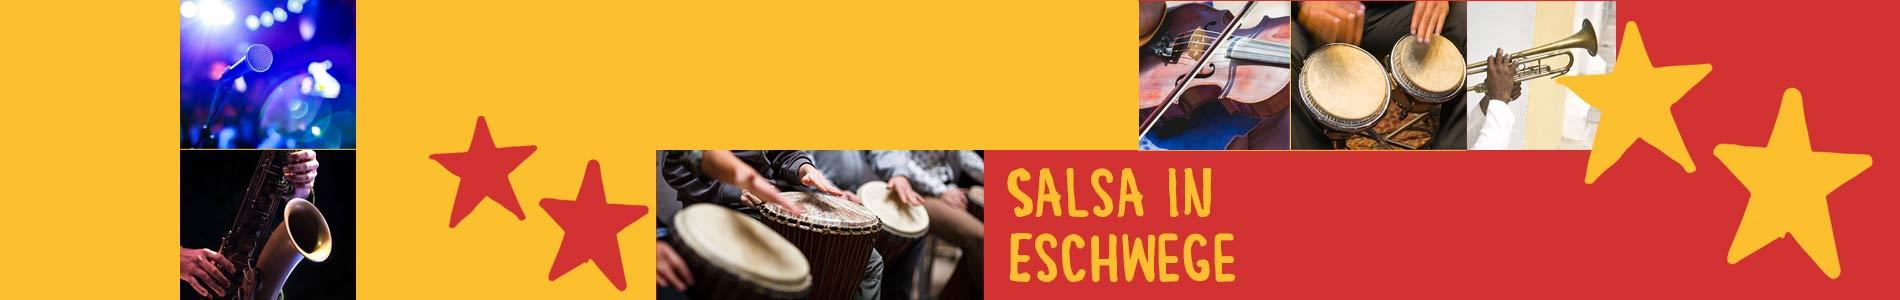 Salsa in Eschwege – Salsa lernen und tanzen, Tanzkurse, Partys, Veranstaltungen